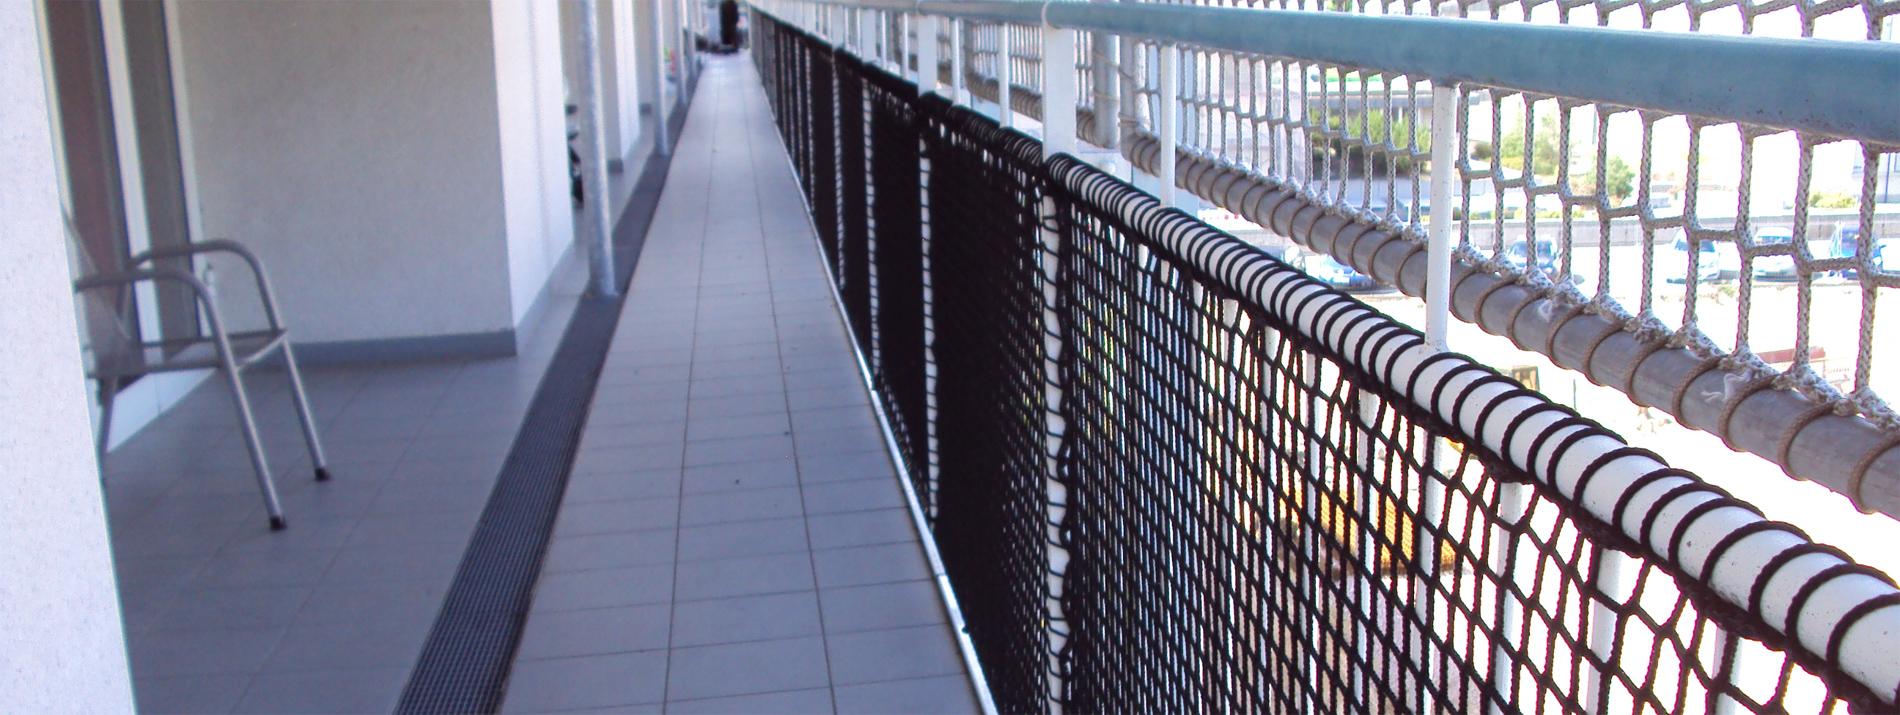 Treppensicherung Schutznetze